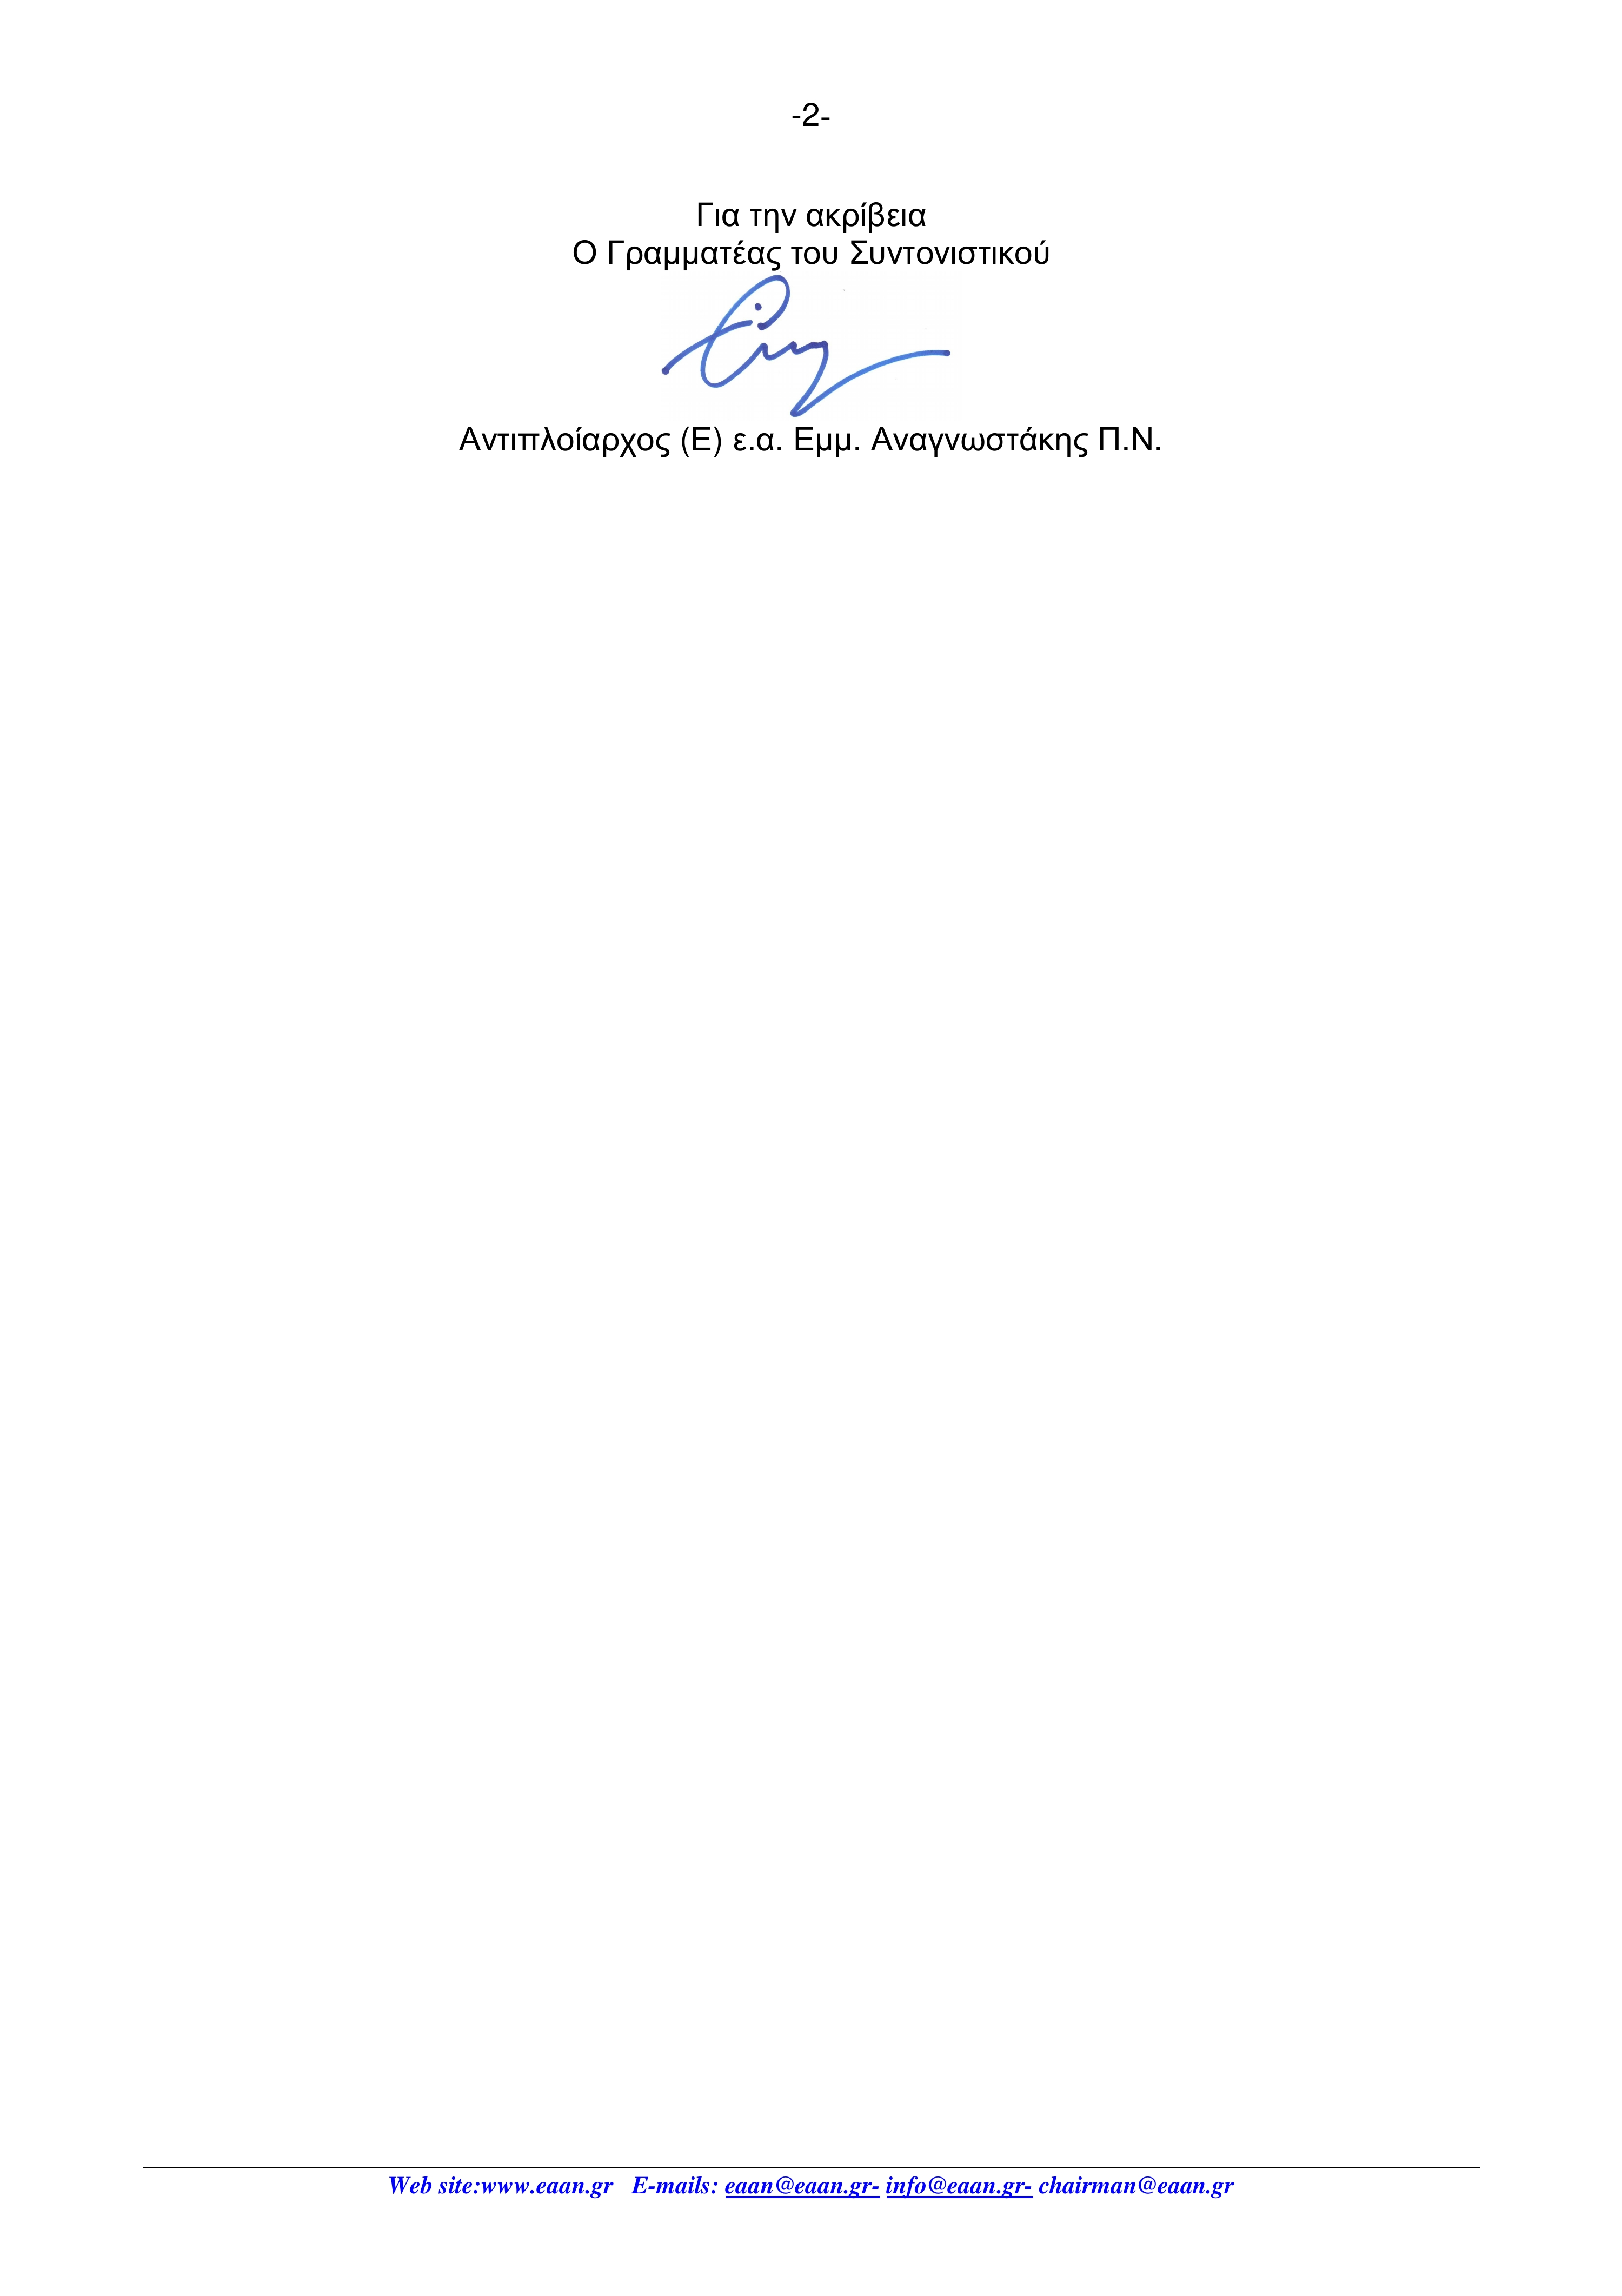 Έκφραση Συγχαρητήρίων σε νέους ΥΕΘΑ-ΥΦΕΘΑ_10-7-2019_ΣΣΕΑΑ_σελ2